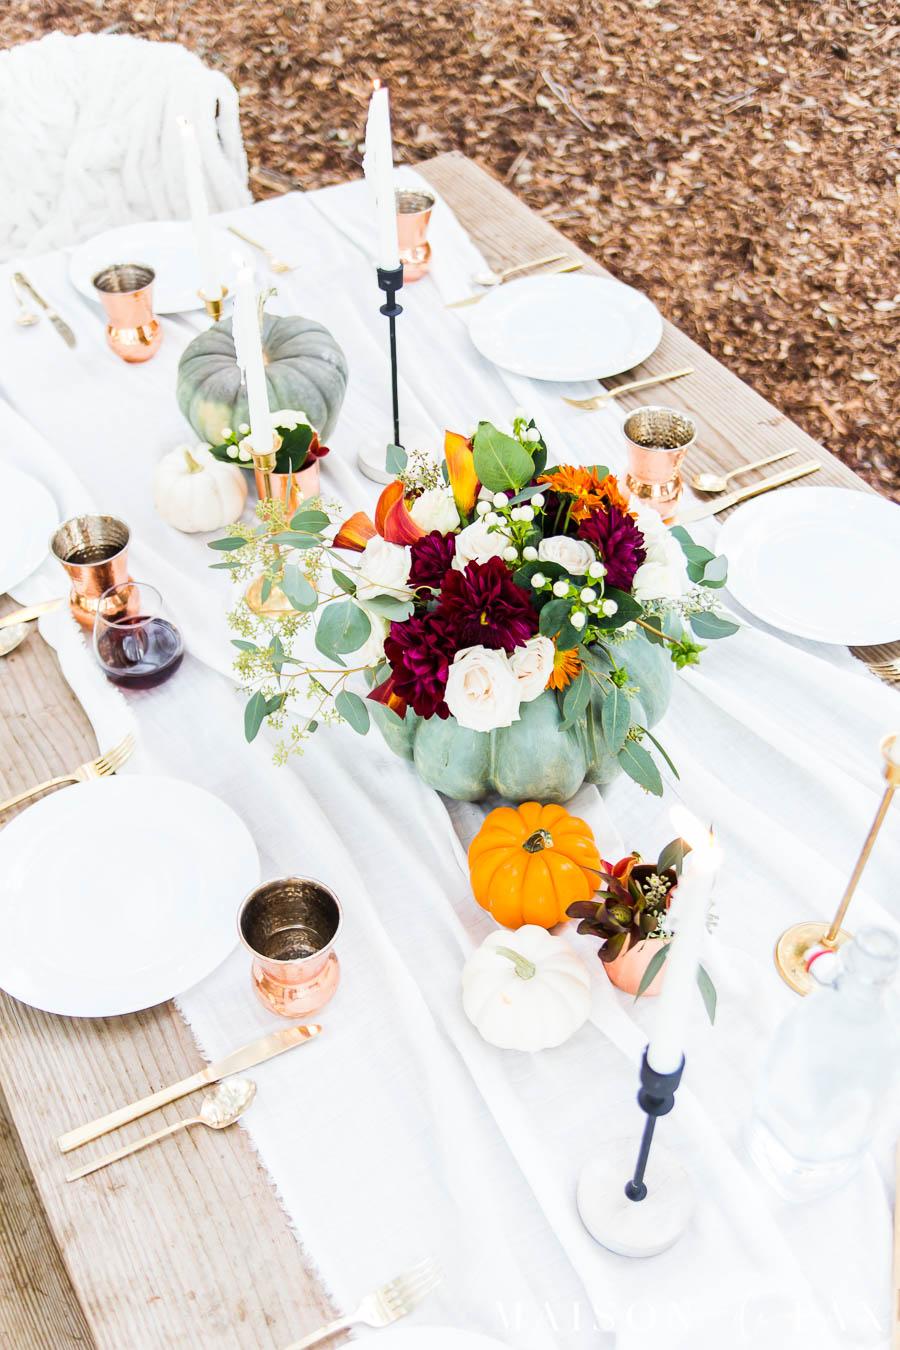 Thanksgiving tablescape with copper and pumpkins | Maison de Pax